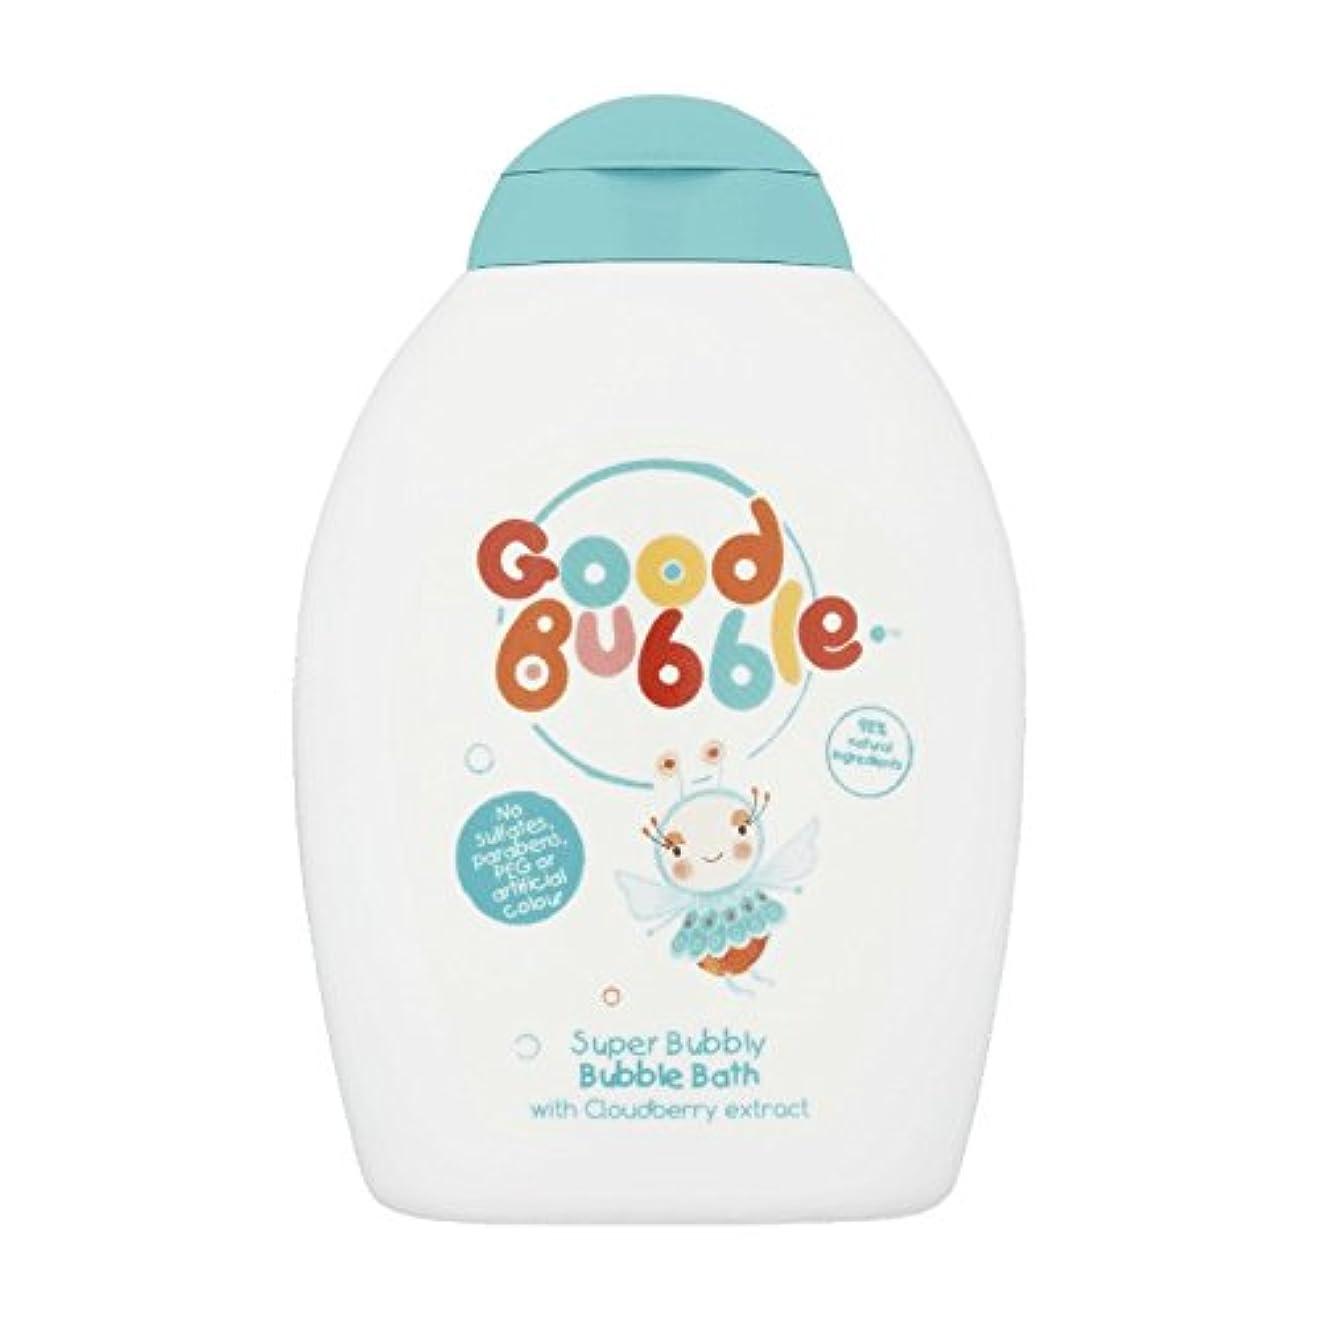 ロードされた振動させる警察署Good Bubble Cloudberry Bubble Bath 400ml (Pack of 6) - 良いバブルクラウドベリーバブルバス400ミリリットル (x6) [並行輸入品]